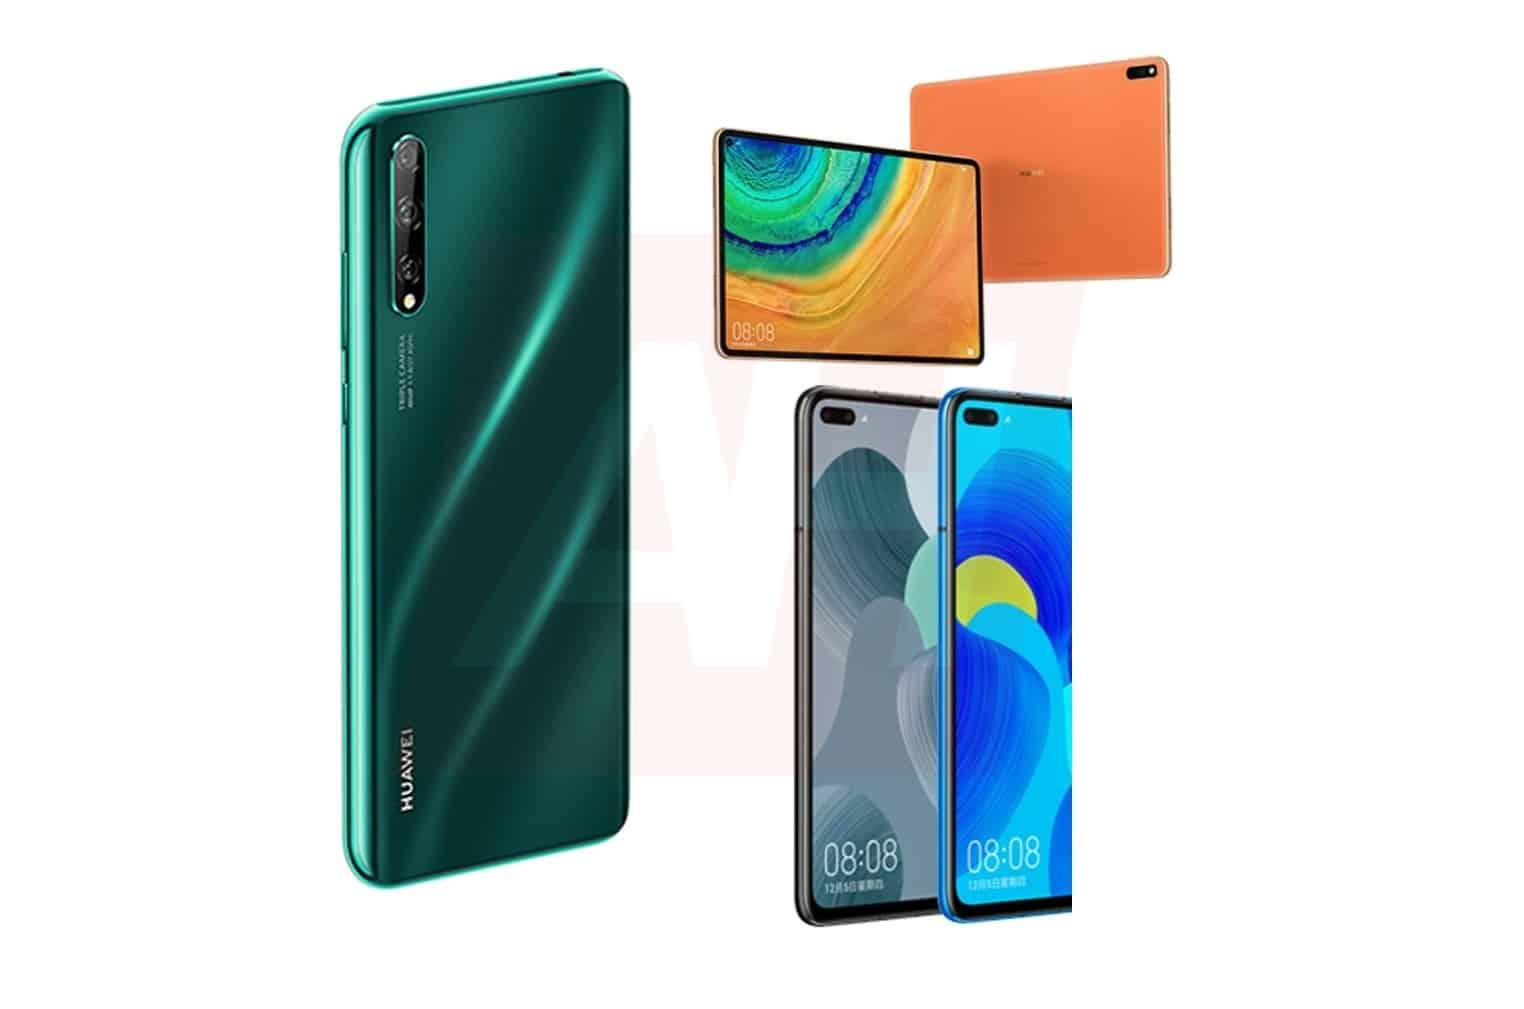 È arrivato un bastimento carico di (colorati) leak per i prossimi Huawei: P Smart 2020, MediaPad Pro e Nova 6 (foto)